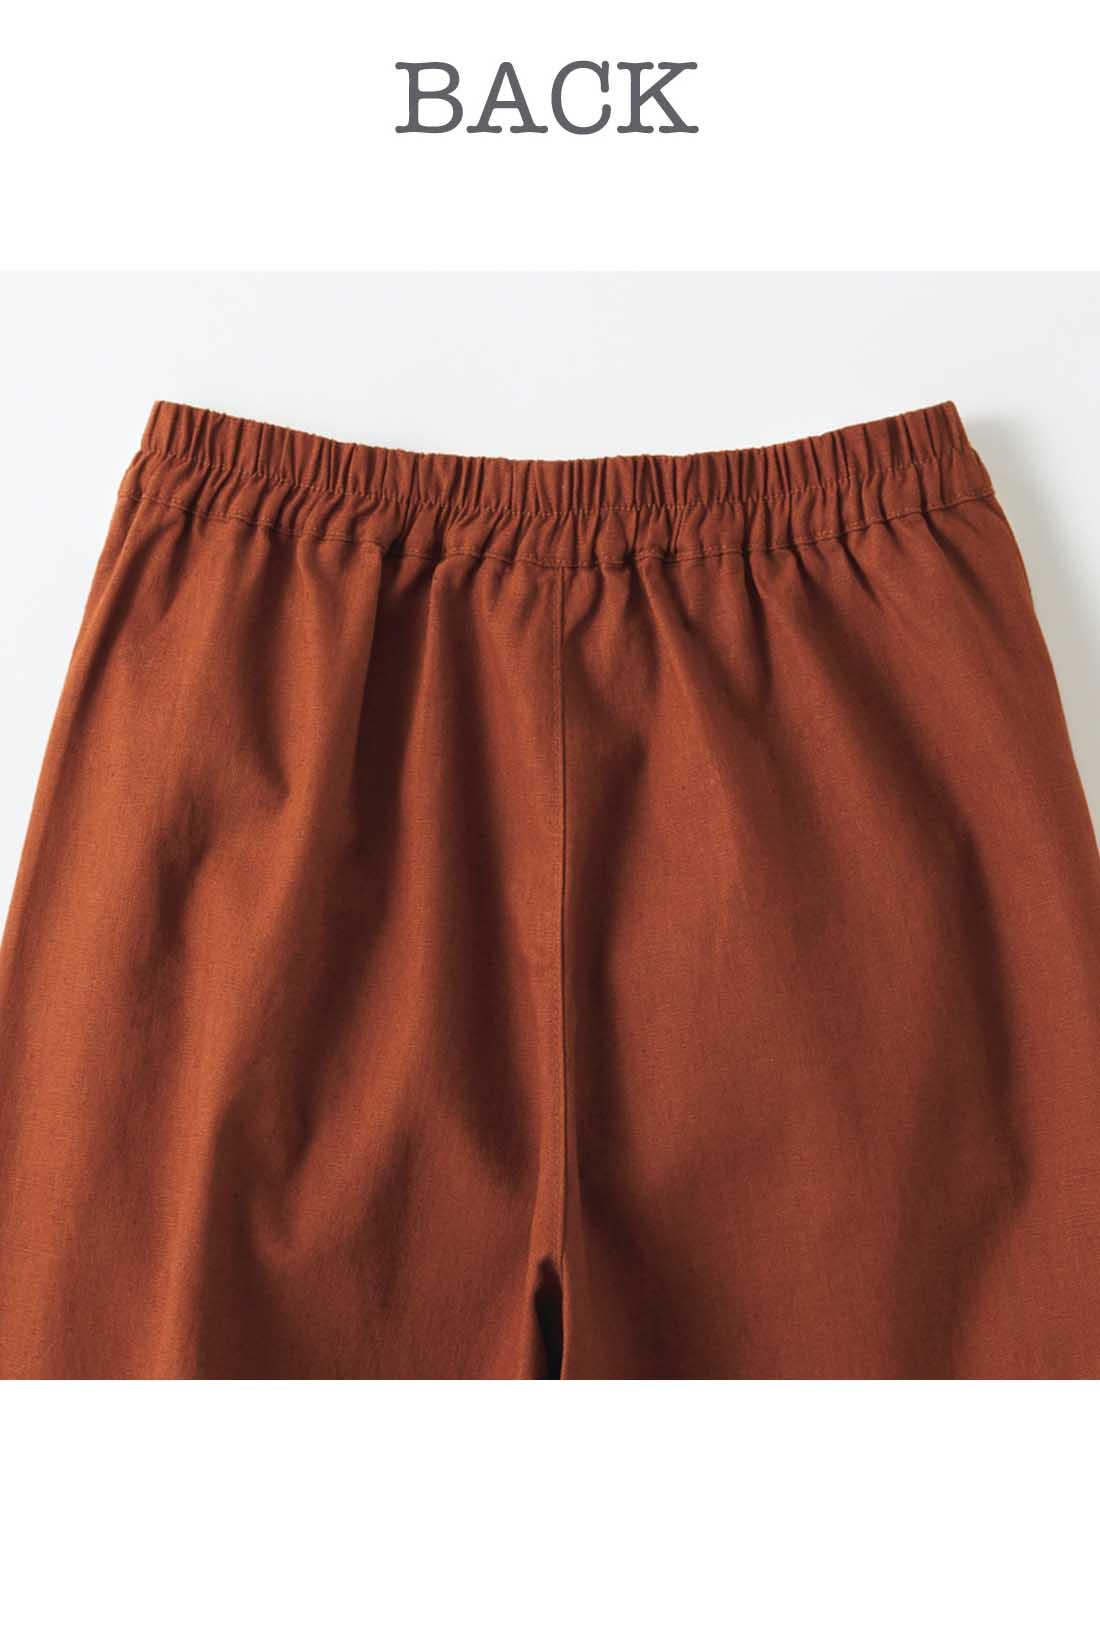 パンツのわき 後ろはゴム入りですっきりらくちん。